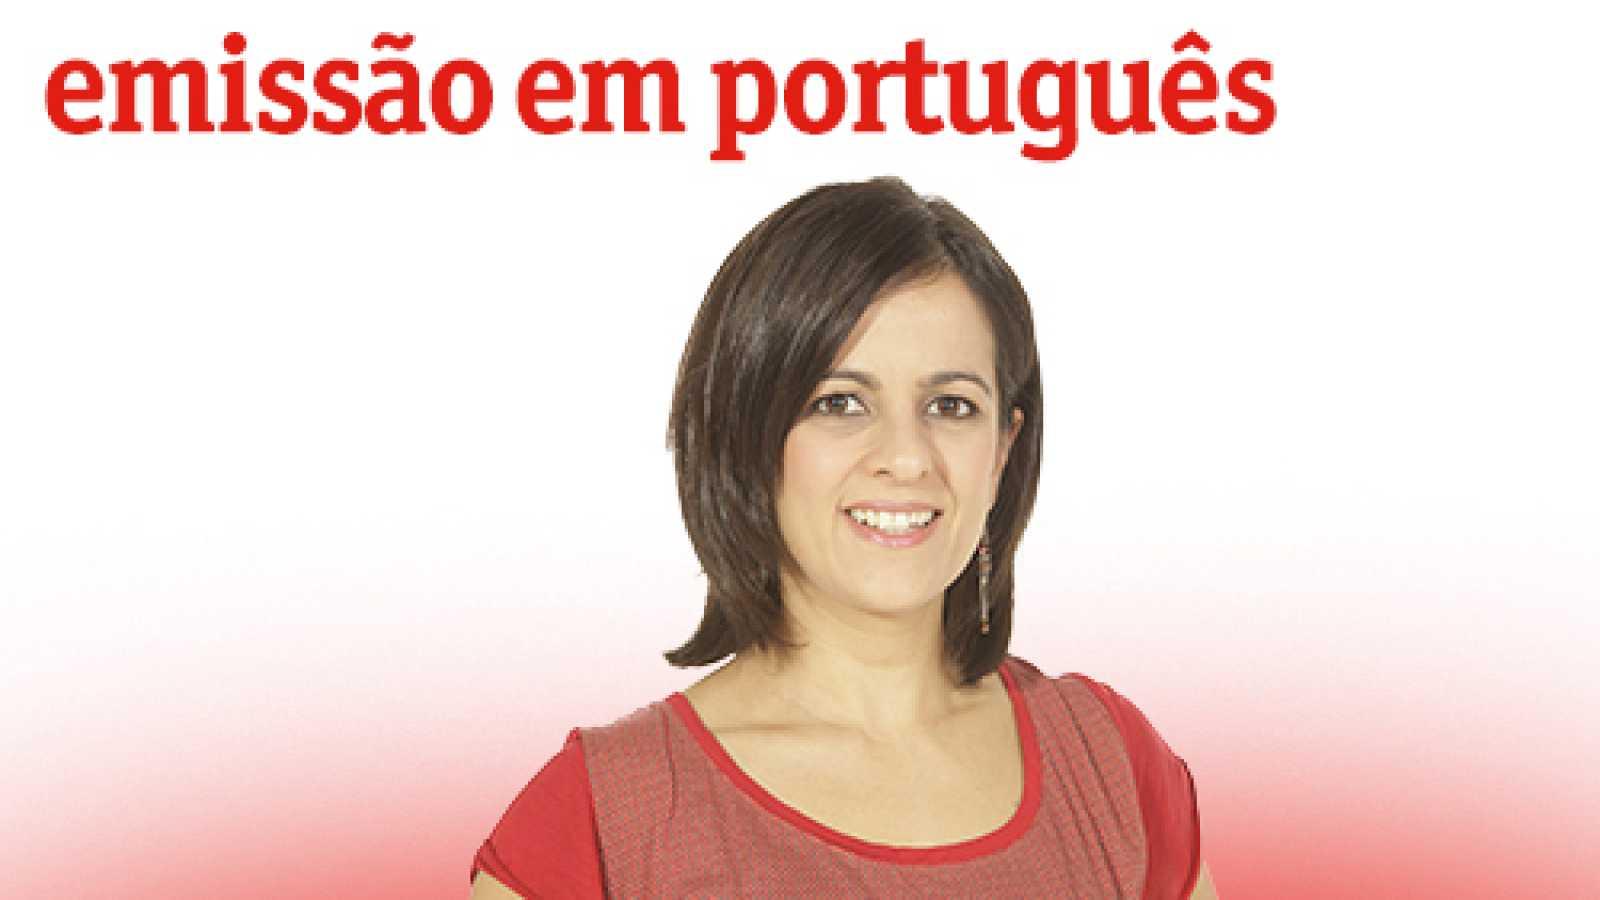 Emissão em Português - Compositor Jorge Fernando revela memória afetiva sobre Amália Rodrigues - 09/10/20